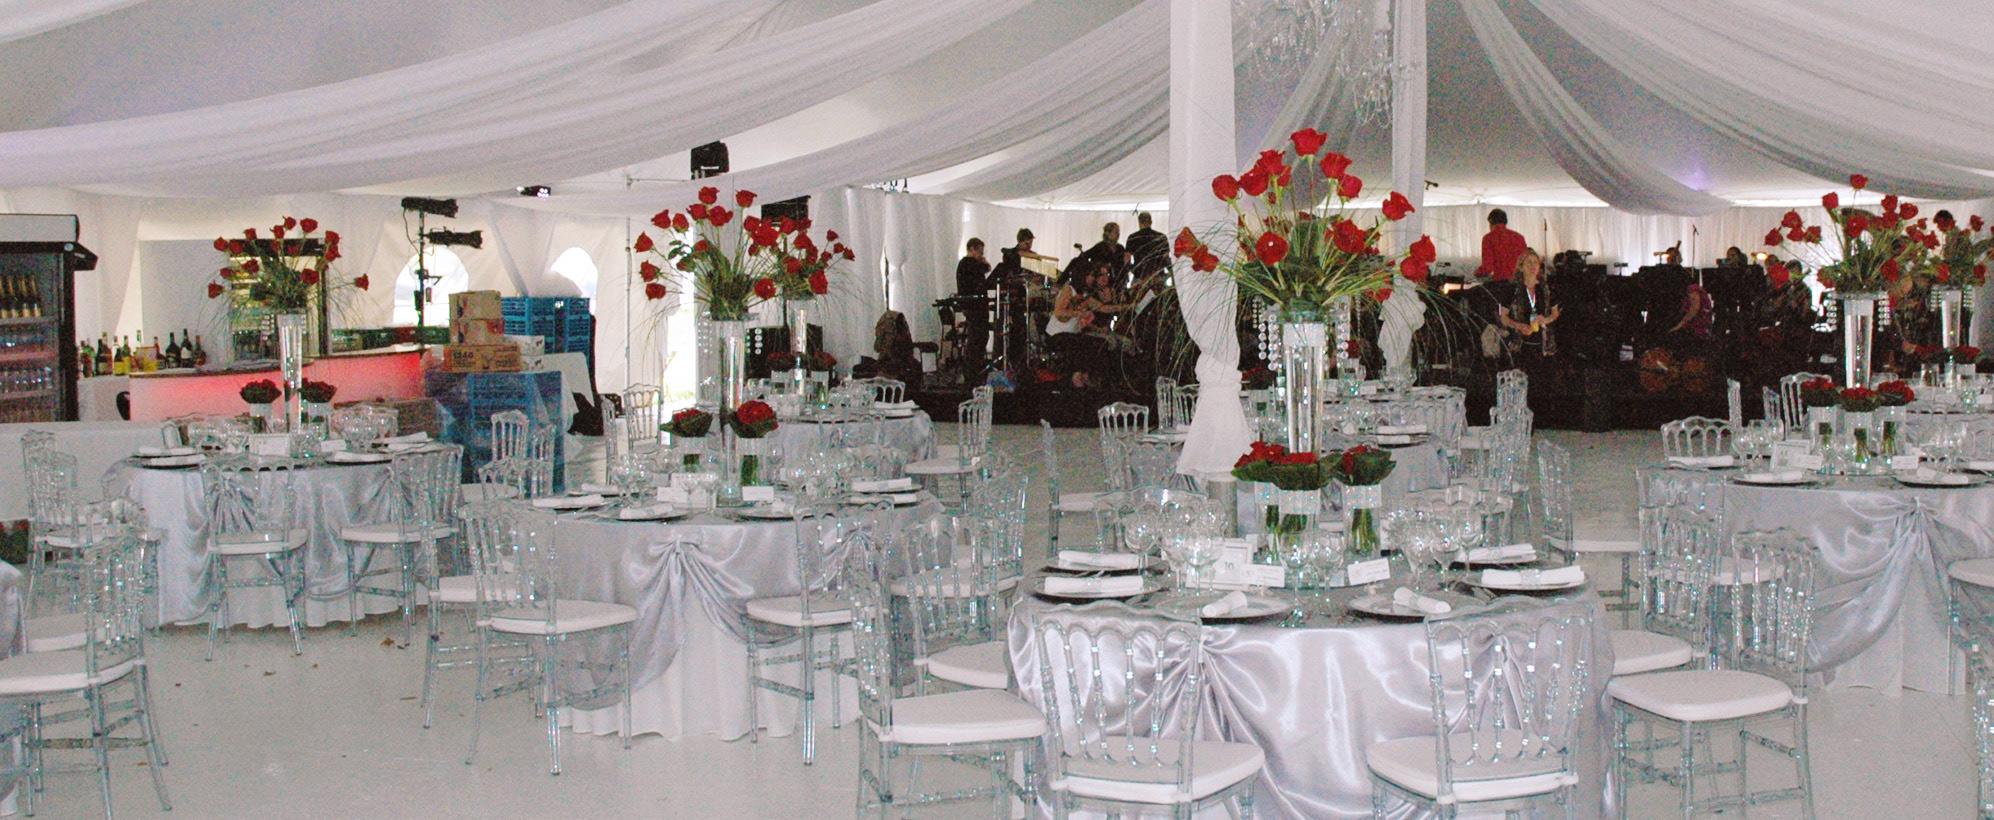 habillage du plafond et des mats, lustre, pour la location de chapiteaux au centre-du-québec, Chapiteaux CDQ. Nappe, chaises, tables, coupes, verres, décoration.